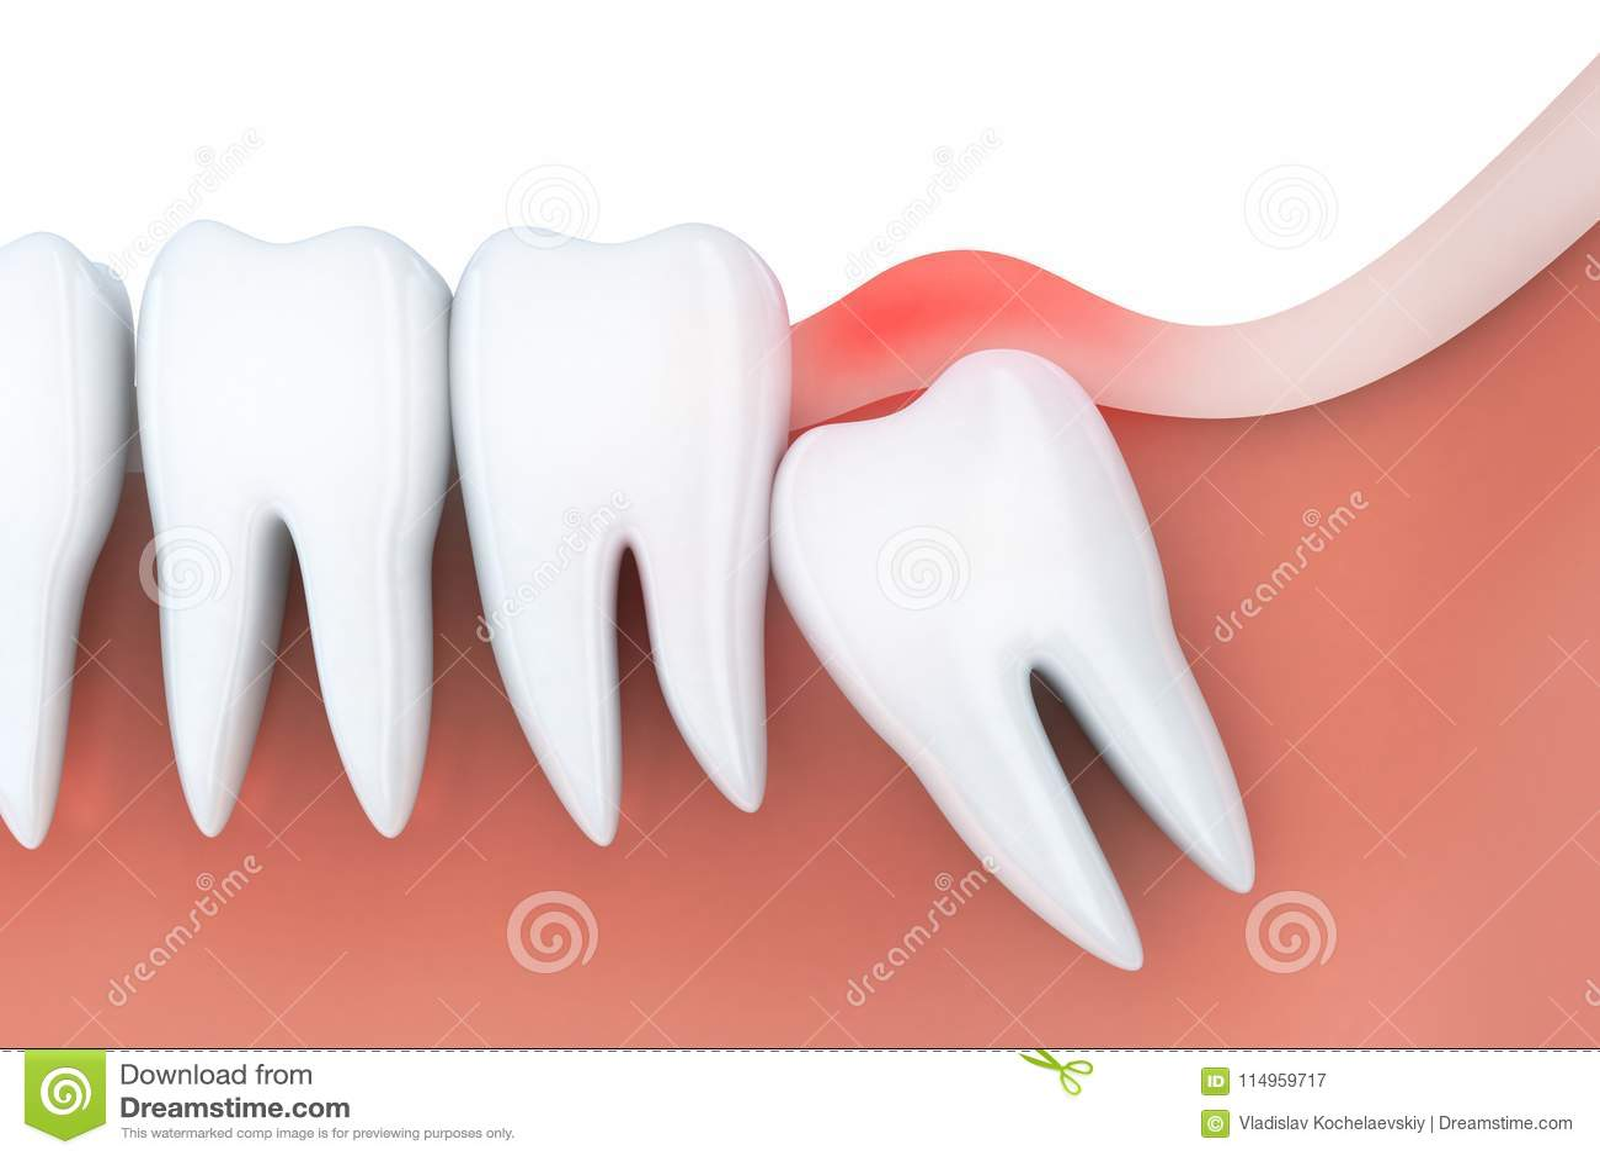 tandpijn in verstandskies stock illustratie illustratie bestaande uit illustratie 114959717. Black Bedroom Furniture Sets. Home Design Ideas